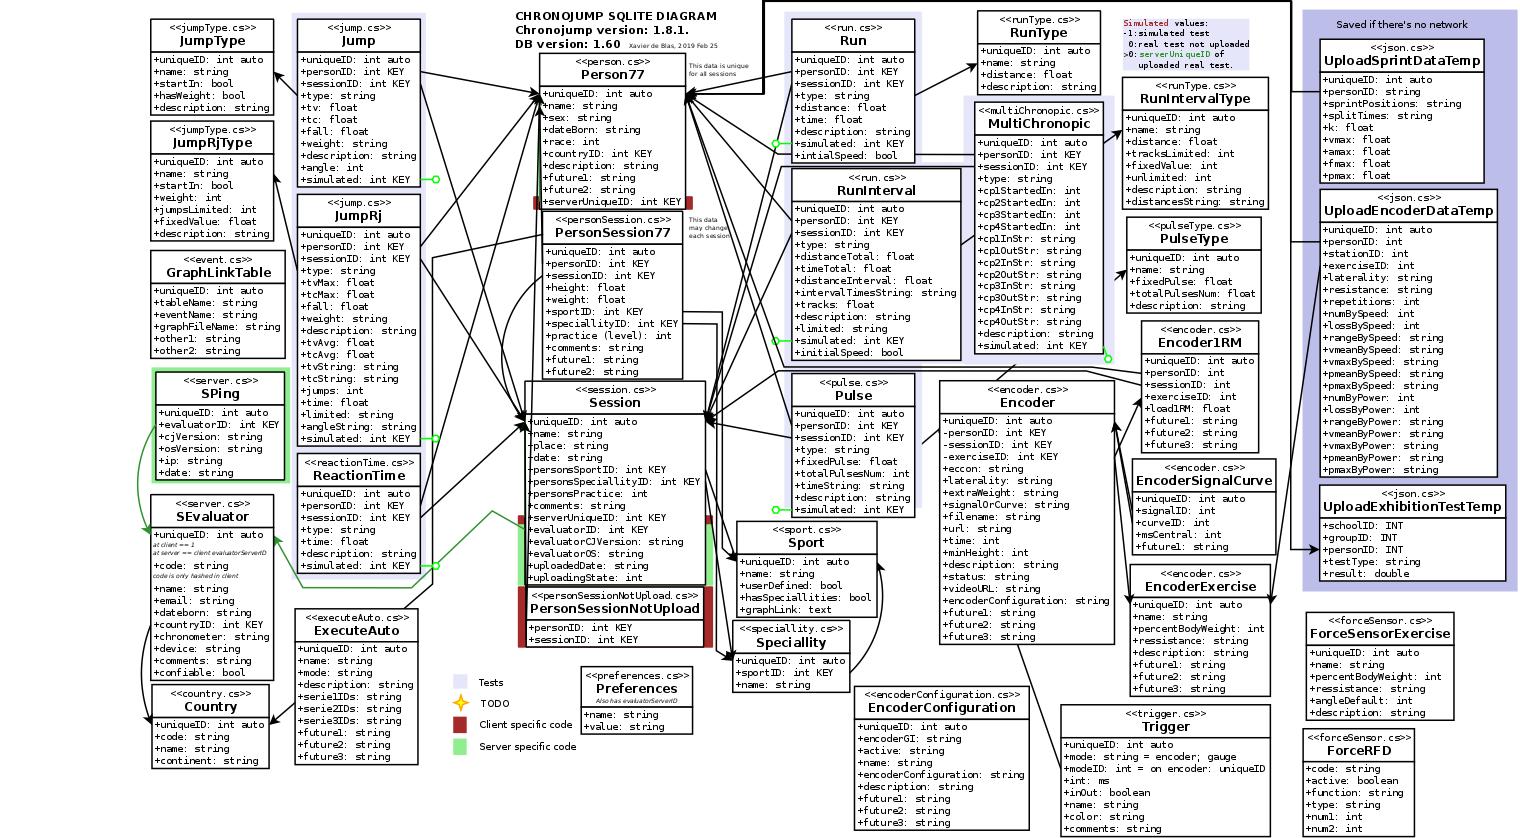 diagrams/sqlite/chronojump_sqlite.png